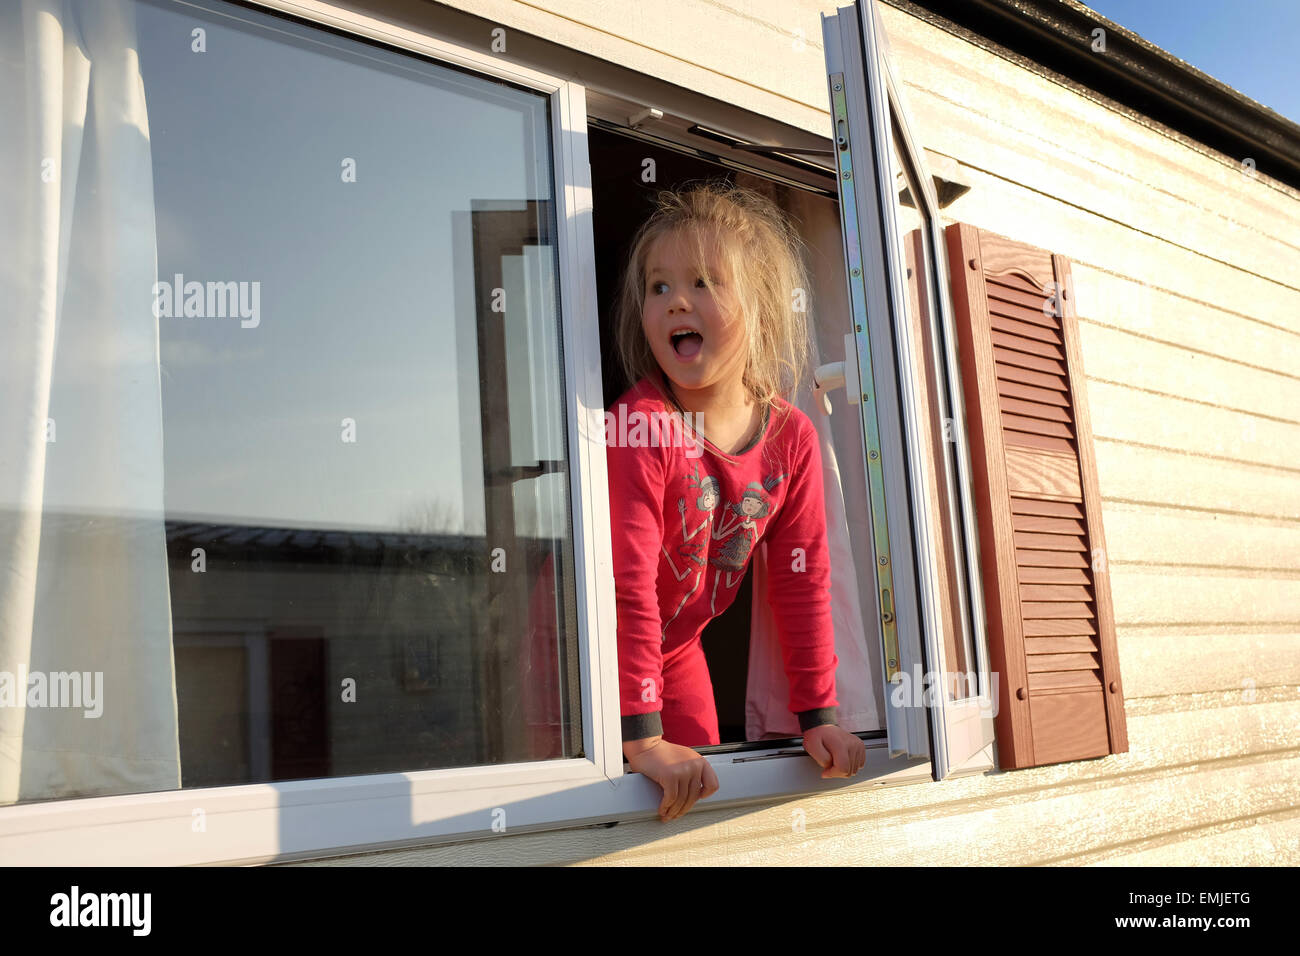 Una joven en su pijama mira por la ventana de una caravana, en el inicio de un nuevo día Imagen De Stock